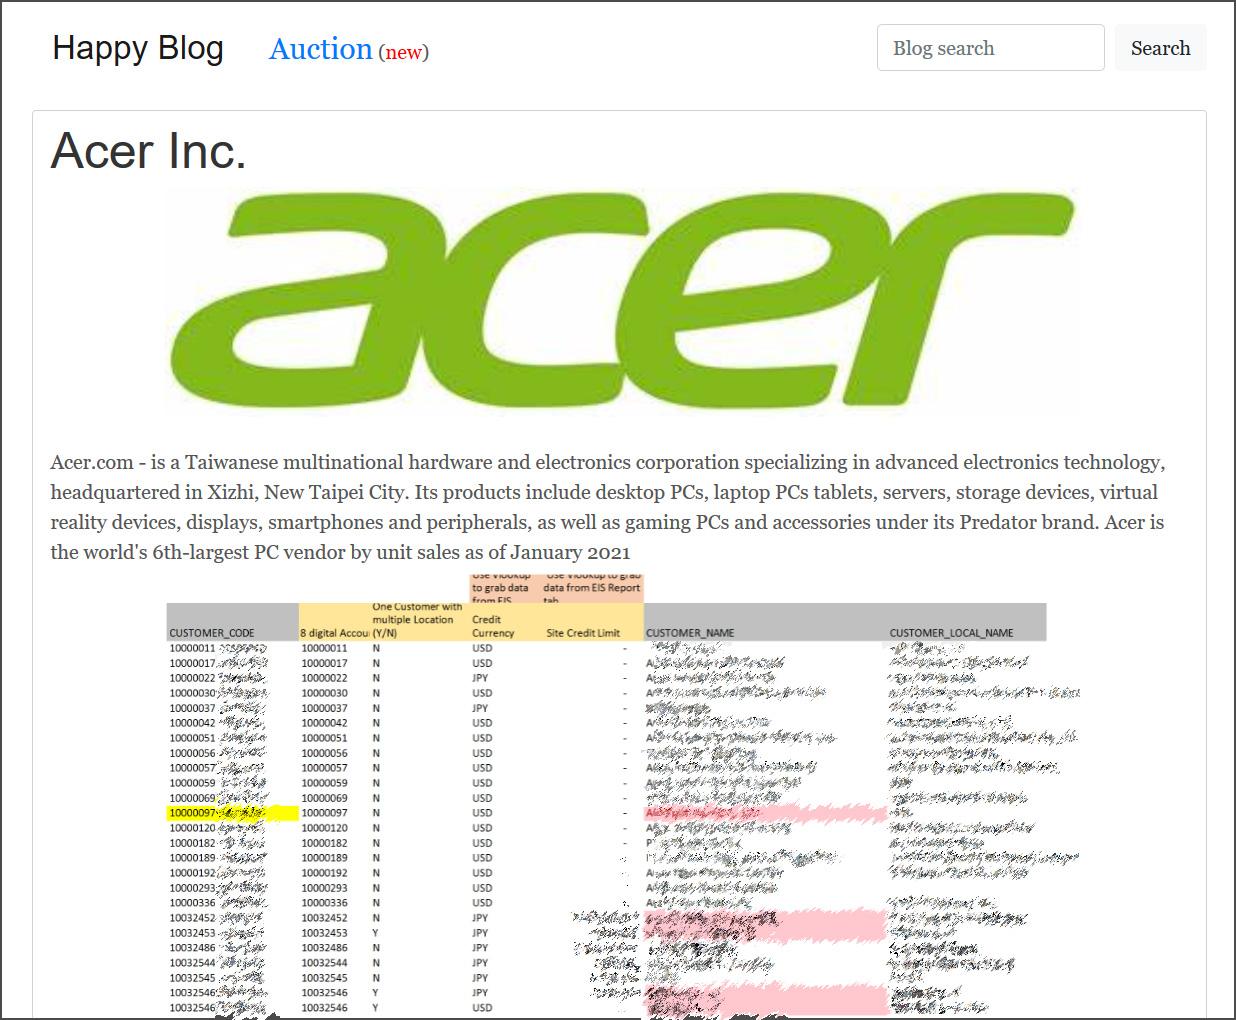 Acer data leak on REvil ransomware site